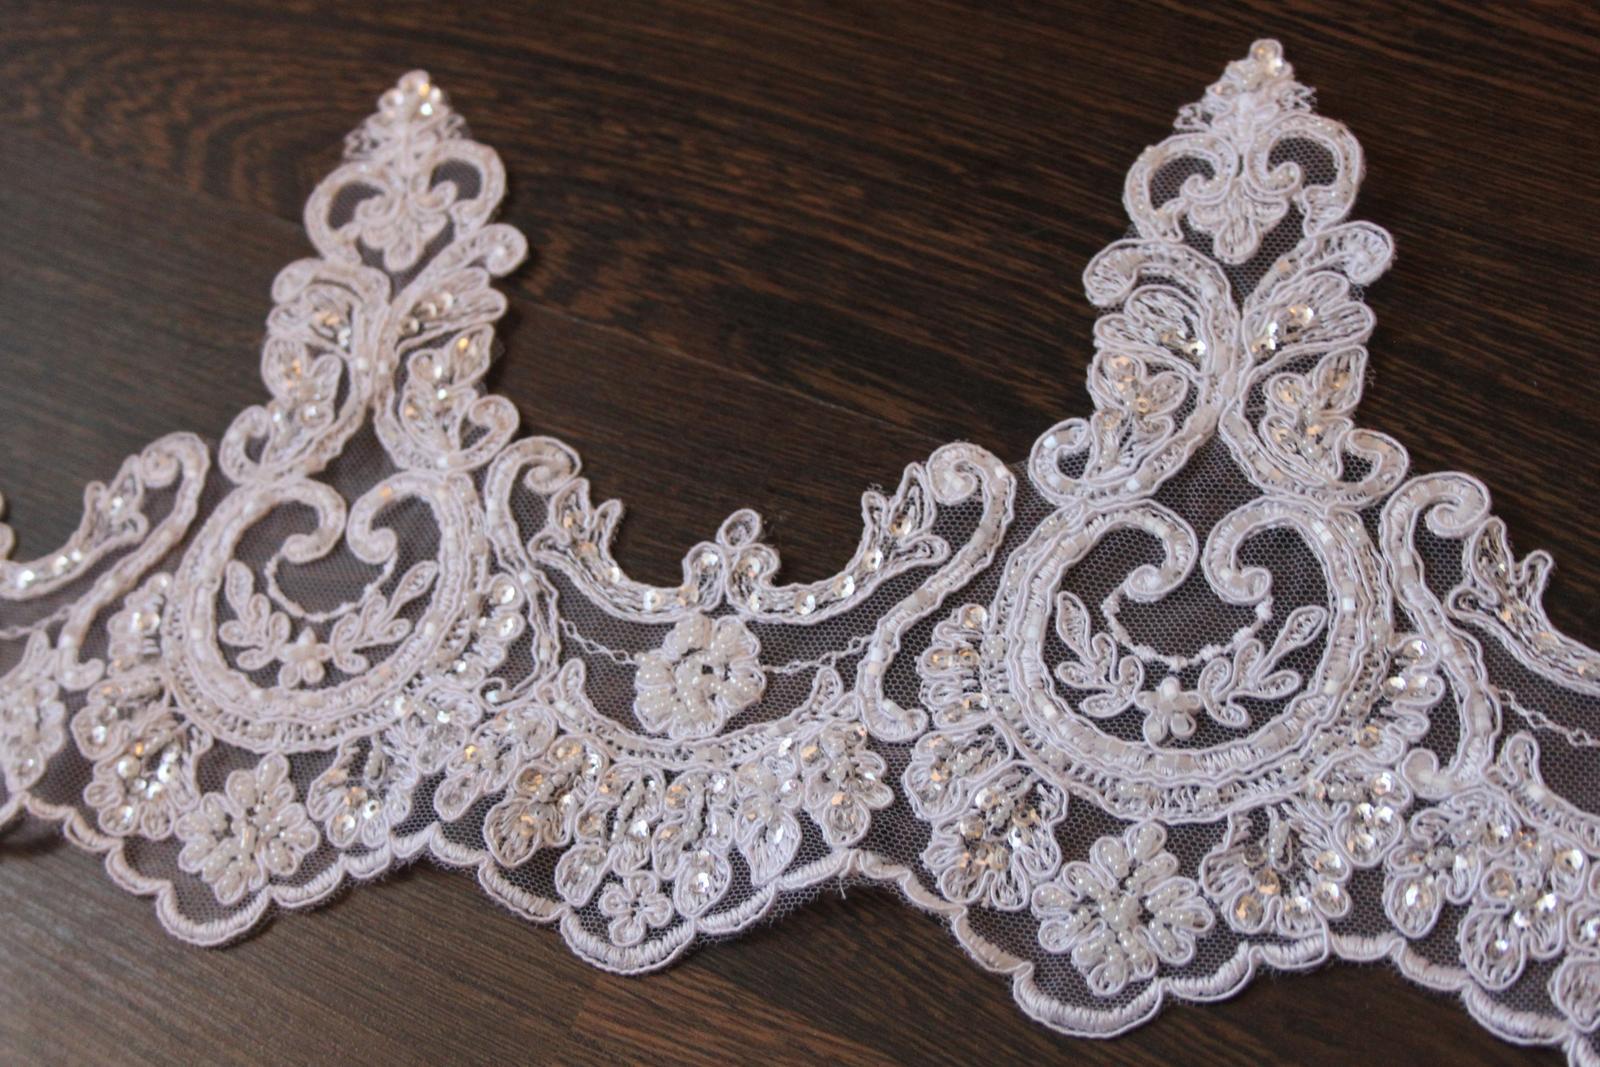 3 D Látky, aplikácie na svadobné šaty prípadne na iné dozdobenie - Obrázok č. 30